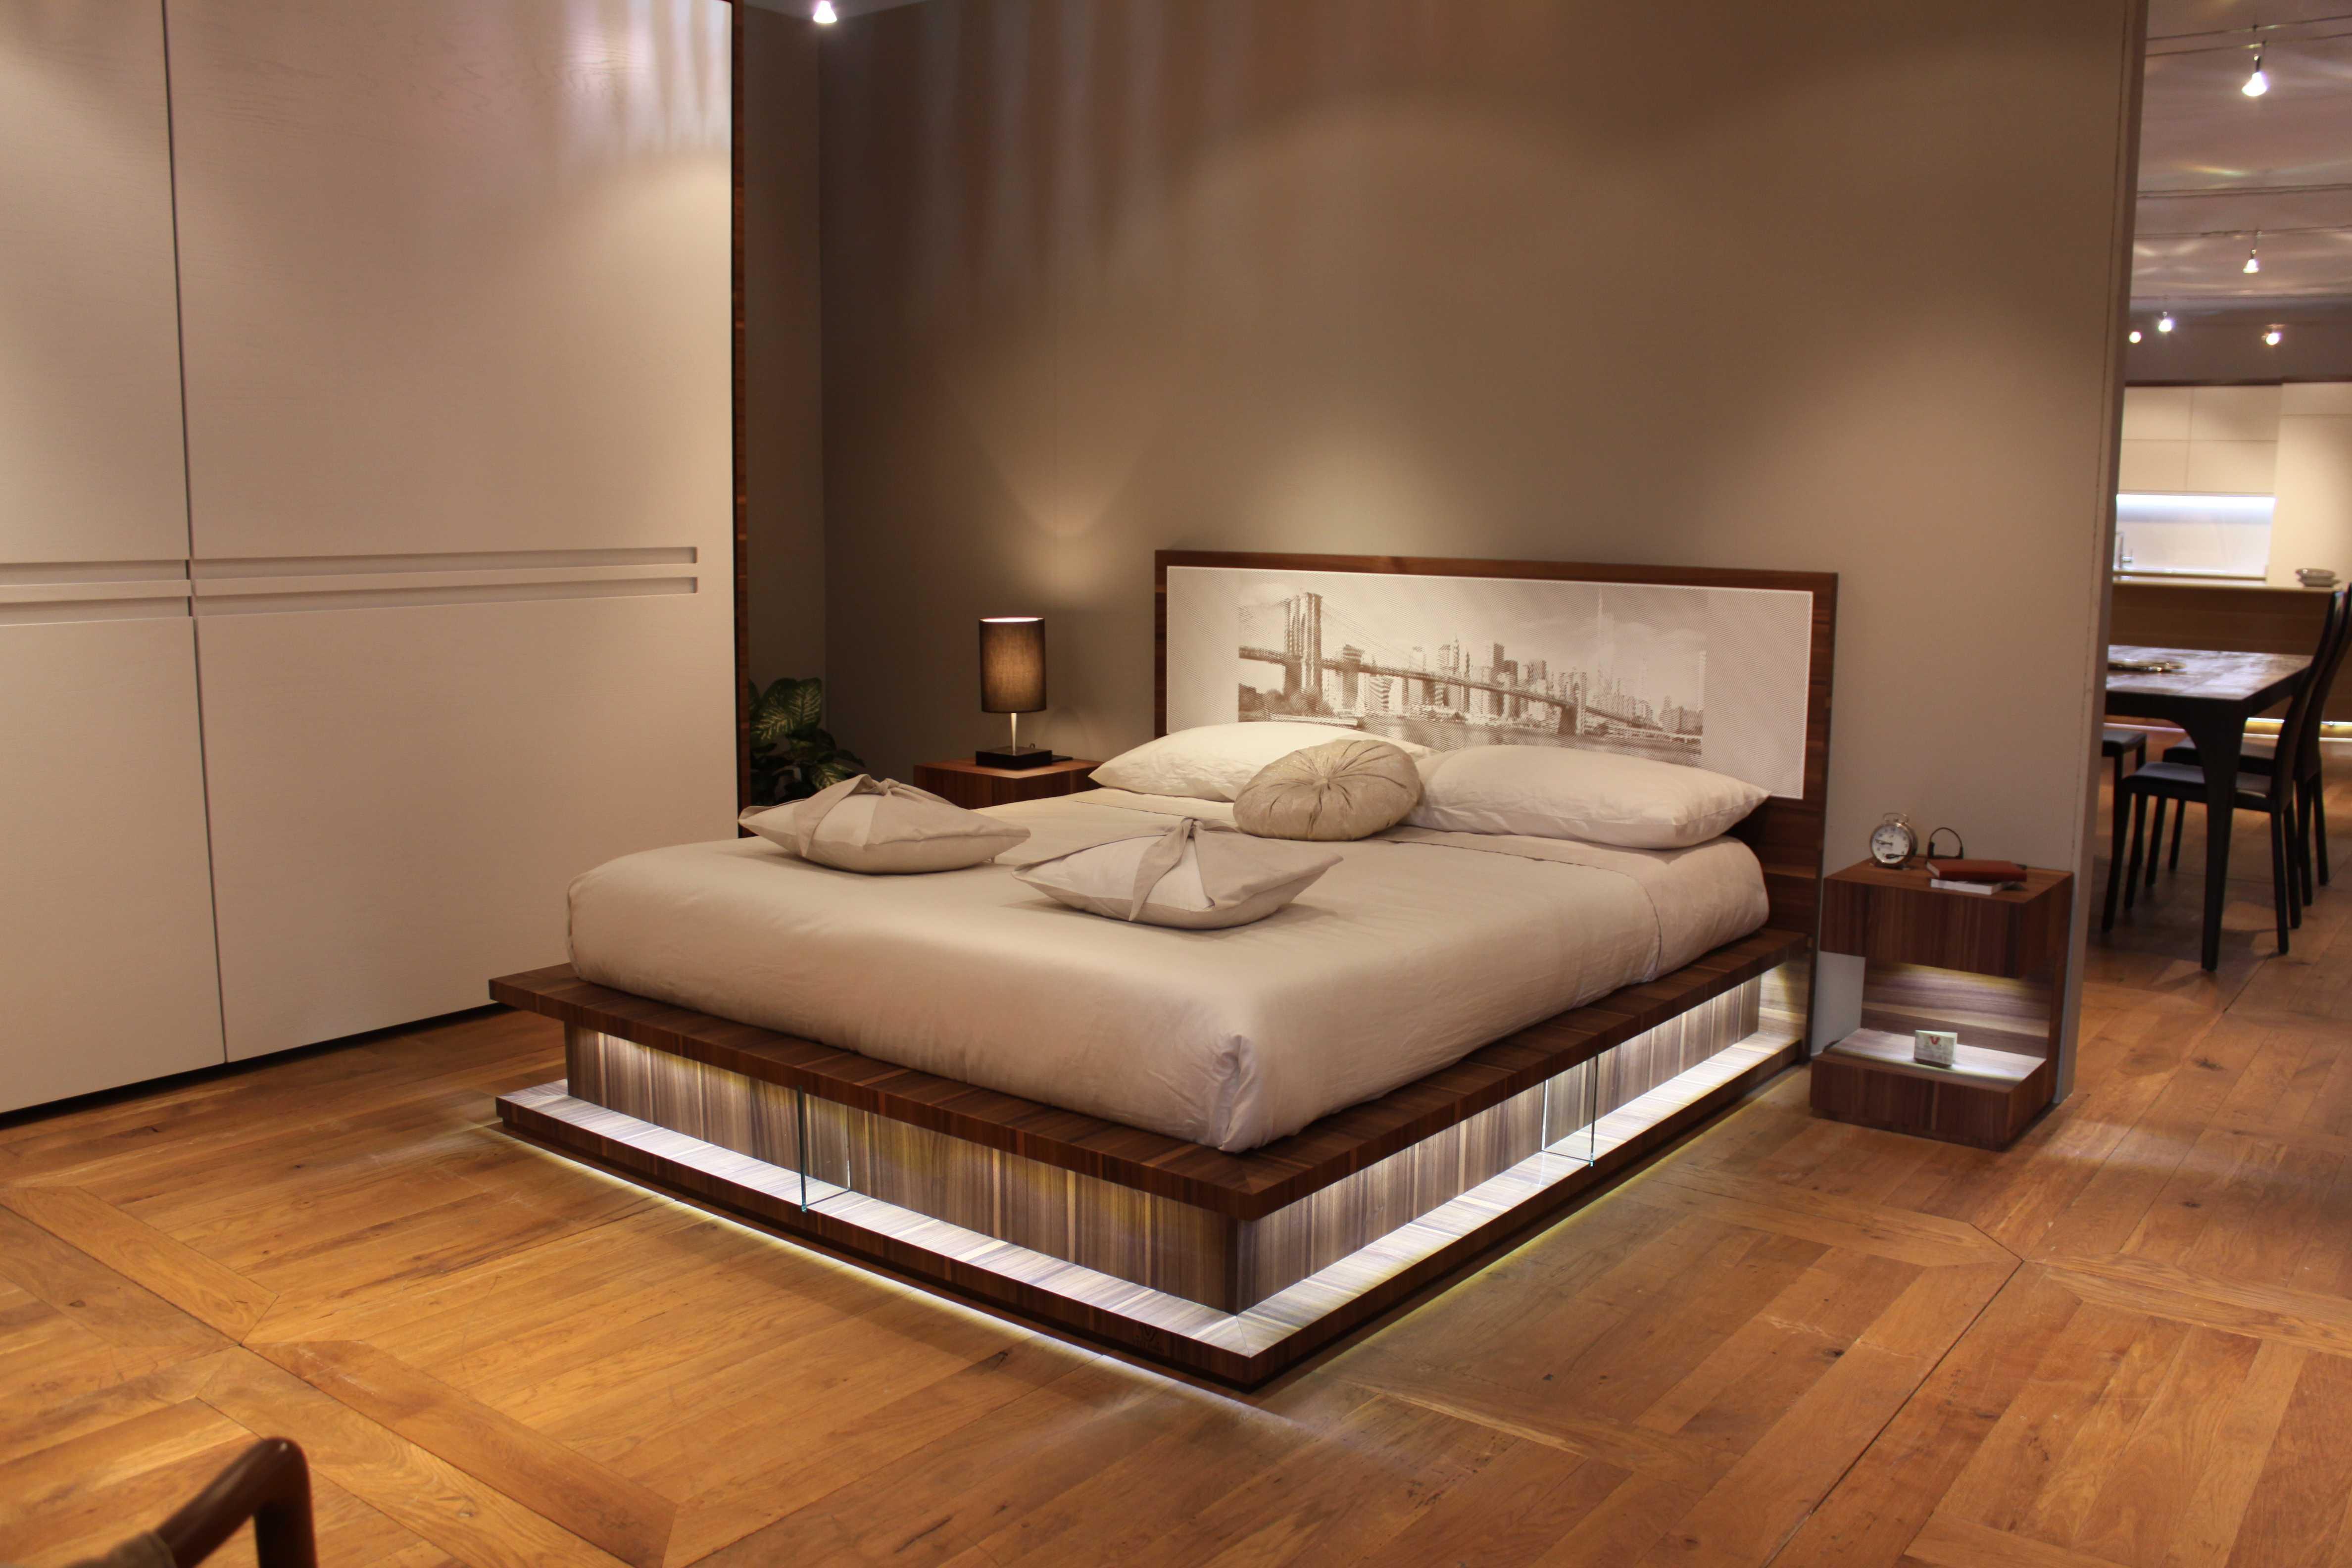 Camera da letto mod manhattan - Mobilturi camere da letto ...